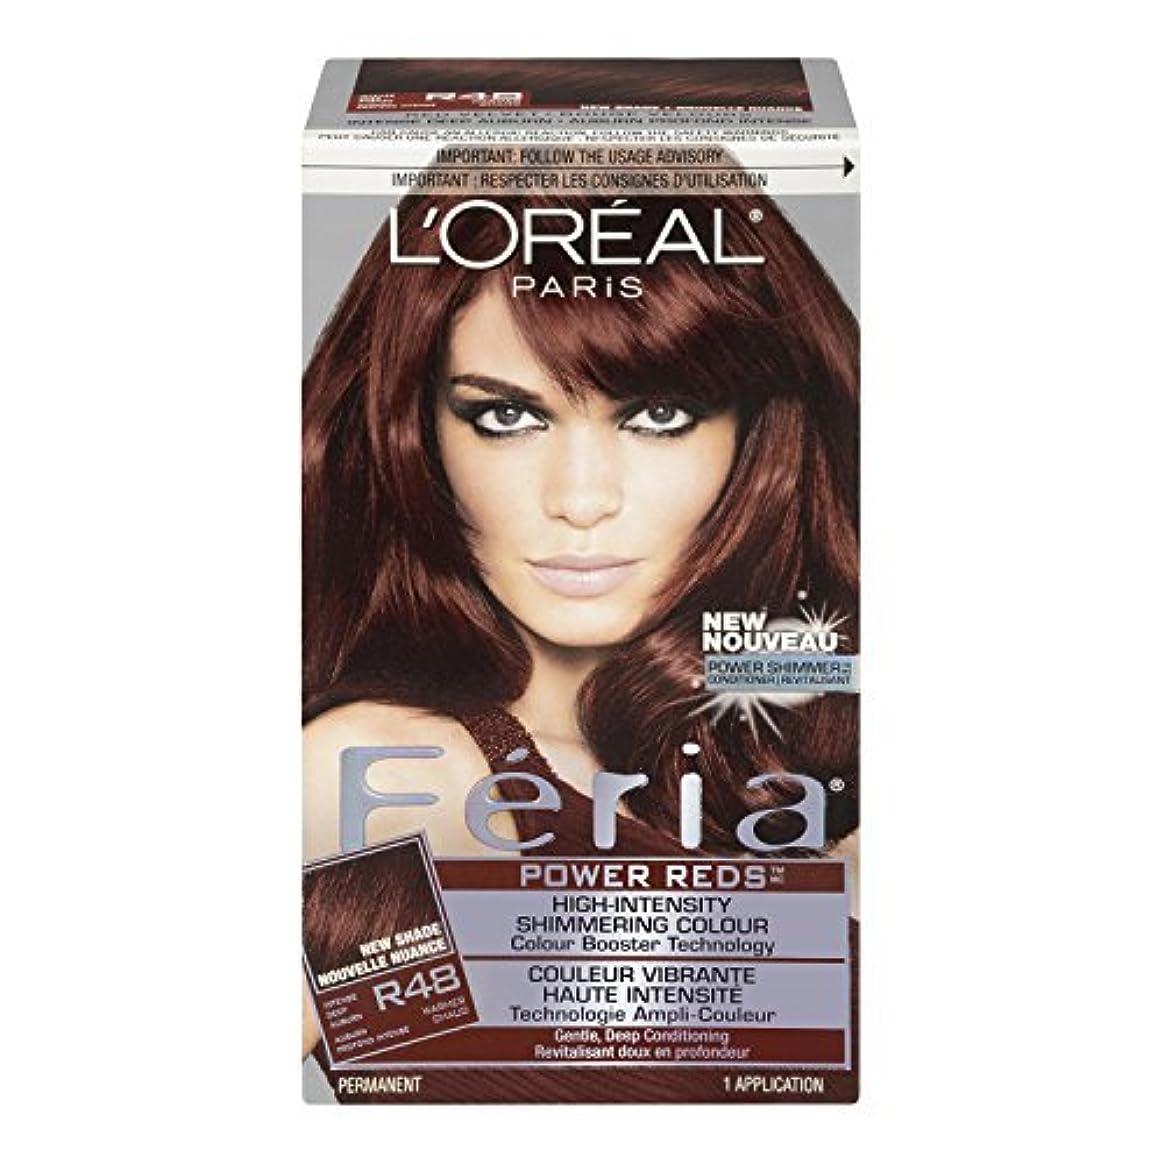 翻訳怠けた送信するL'Oreal Feria Power Reds Hair Color, R48 Intense Deep Auburn/Red Velvet by L'Oreal Paris Hair Color [並行輸入品]